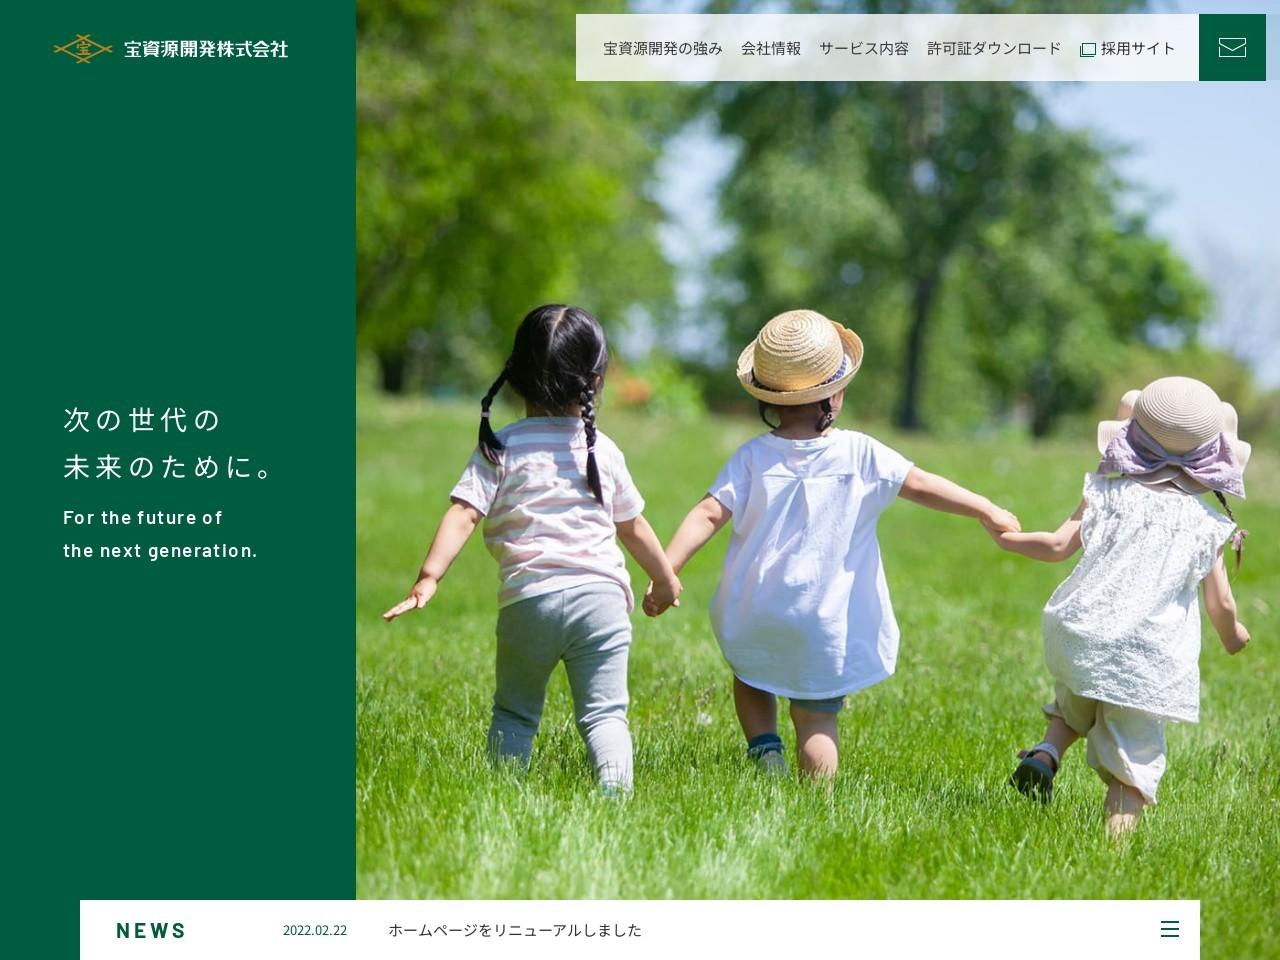 宝資源開発株式会社